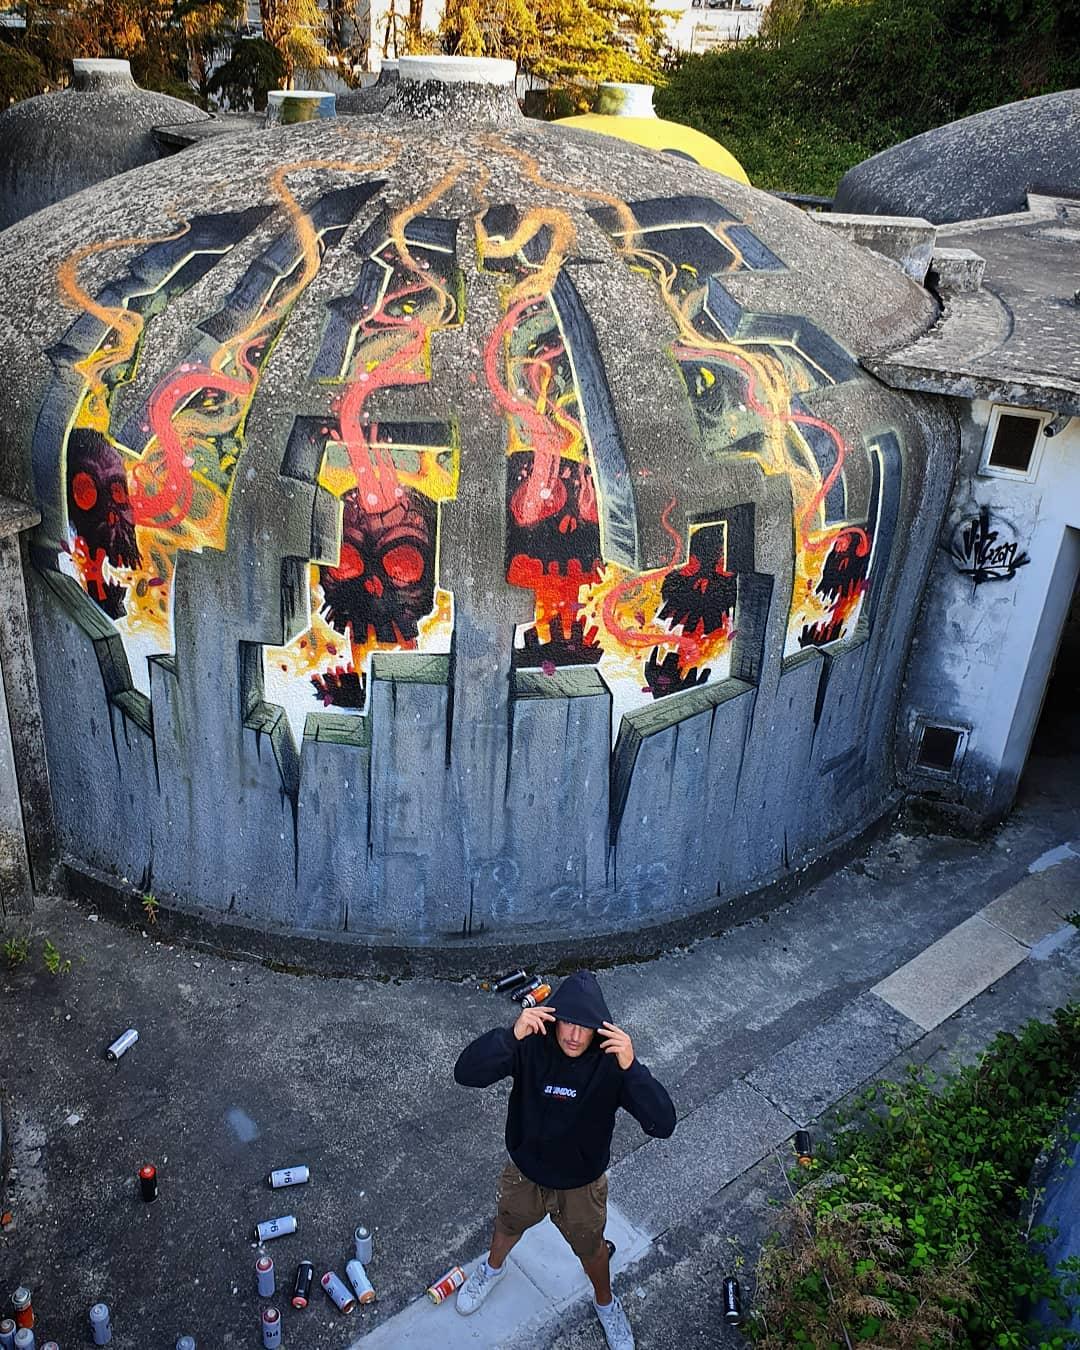 vile-graffiti-blog-optikai-illuzio--12.jpg